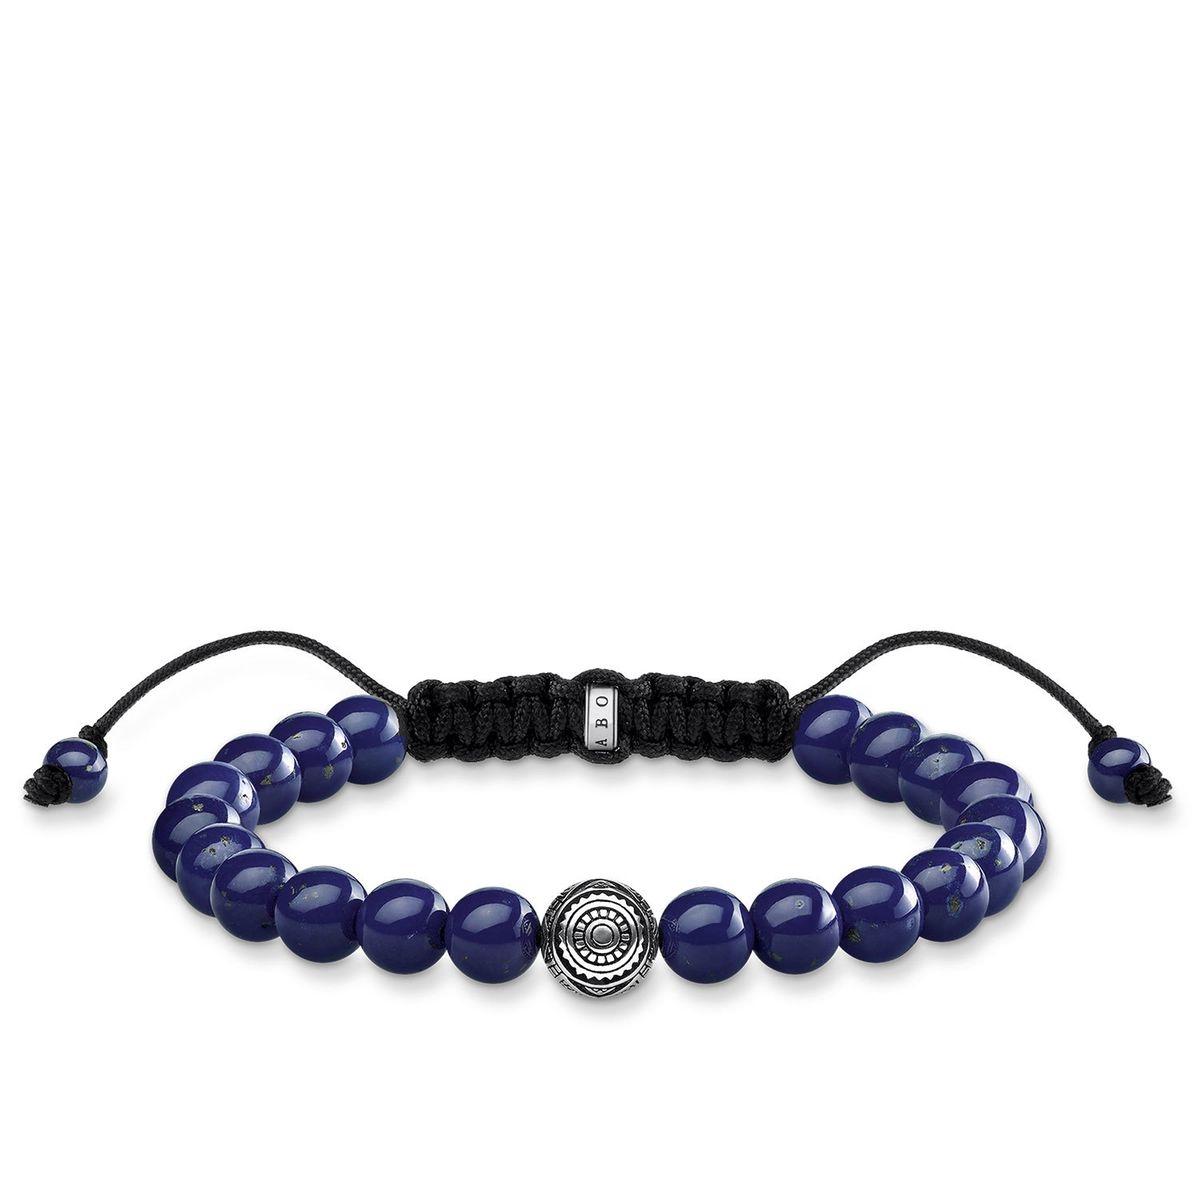 THOMAS SABO Bracelet Ethnique Bleu Argent sterling 925, noirci 22 A1779-535-1-L22v